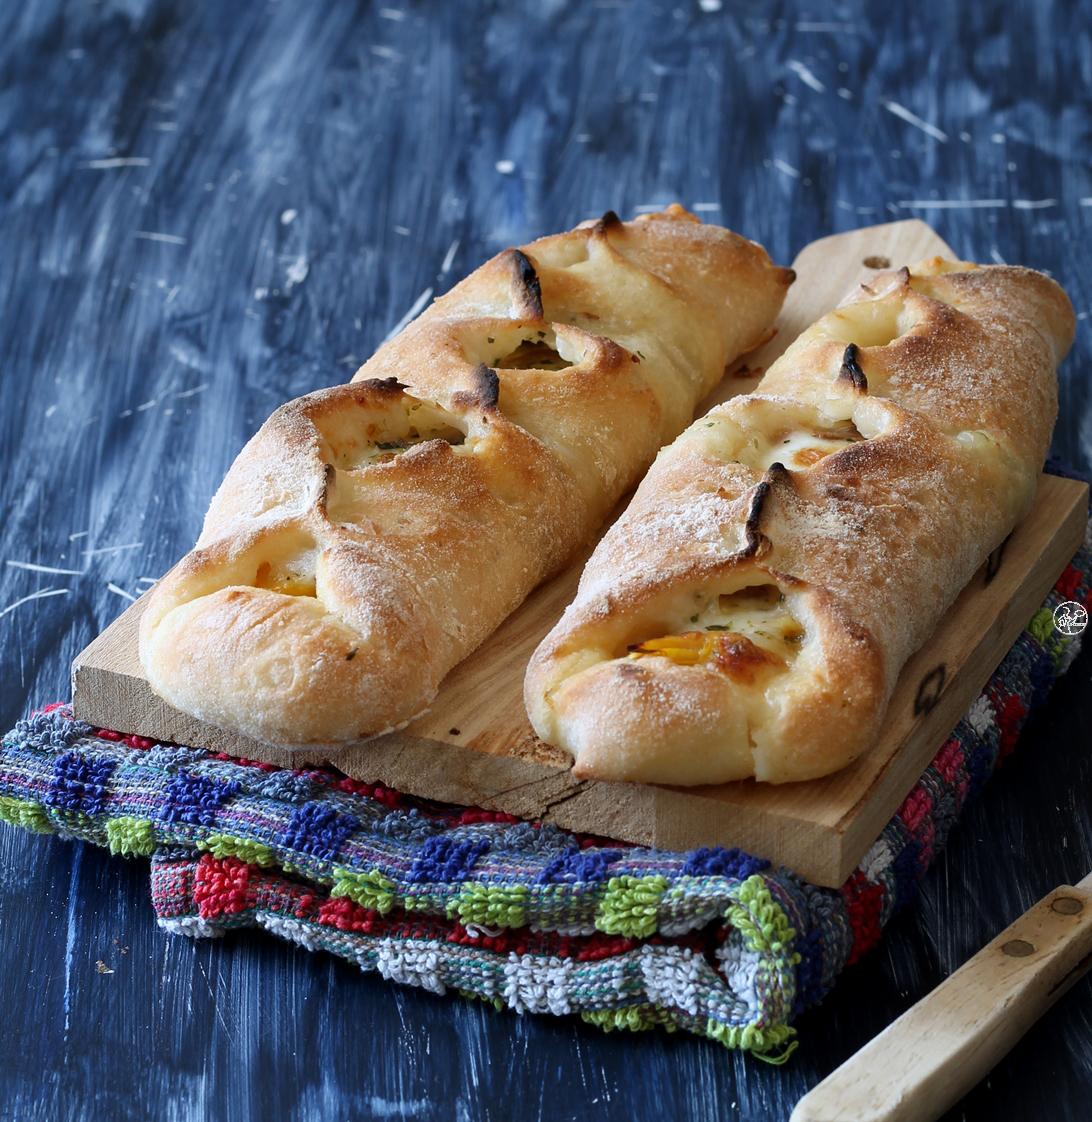 Sfilatini di pizza senza glutine ai peperoni - La Cassata Celiaca